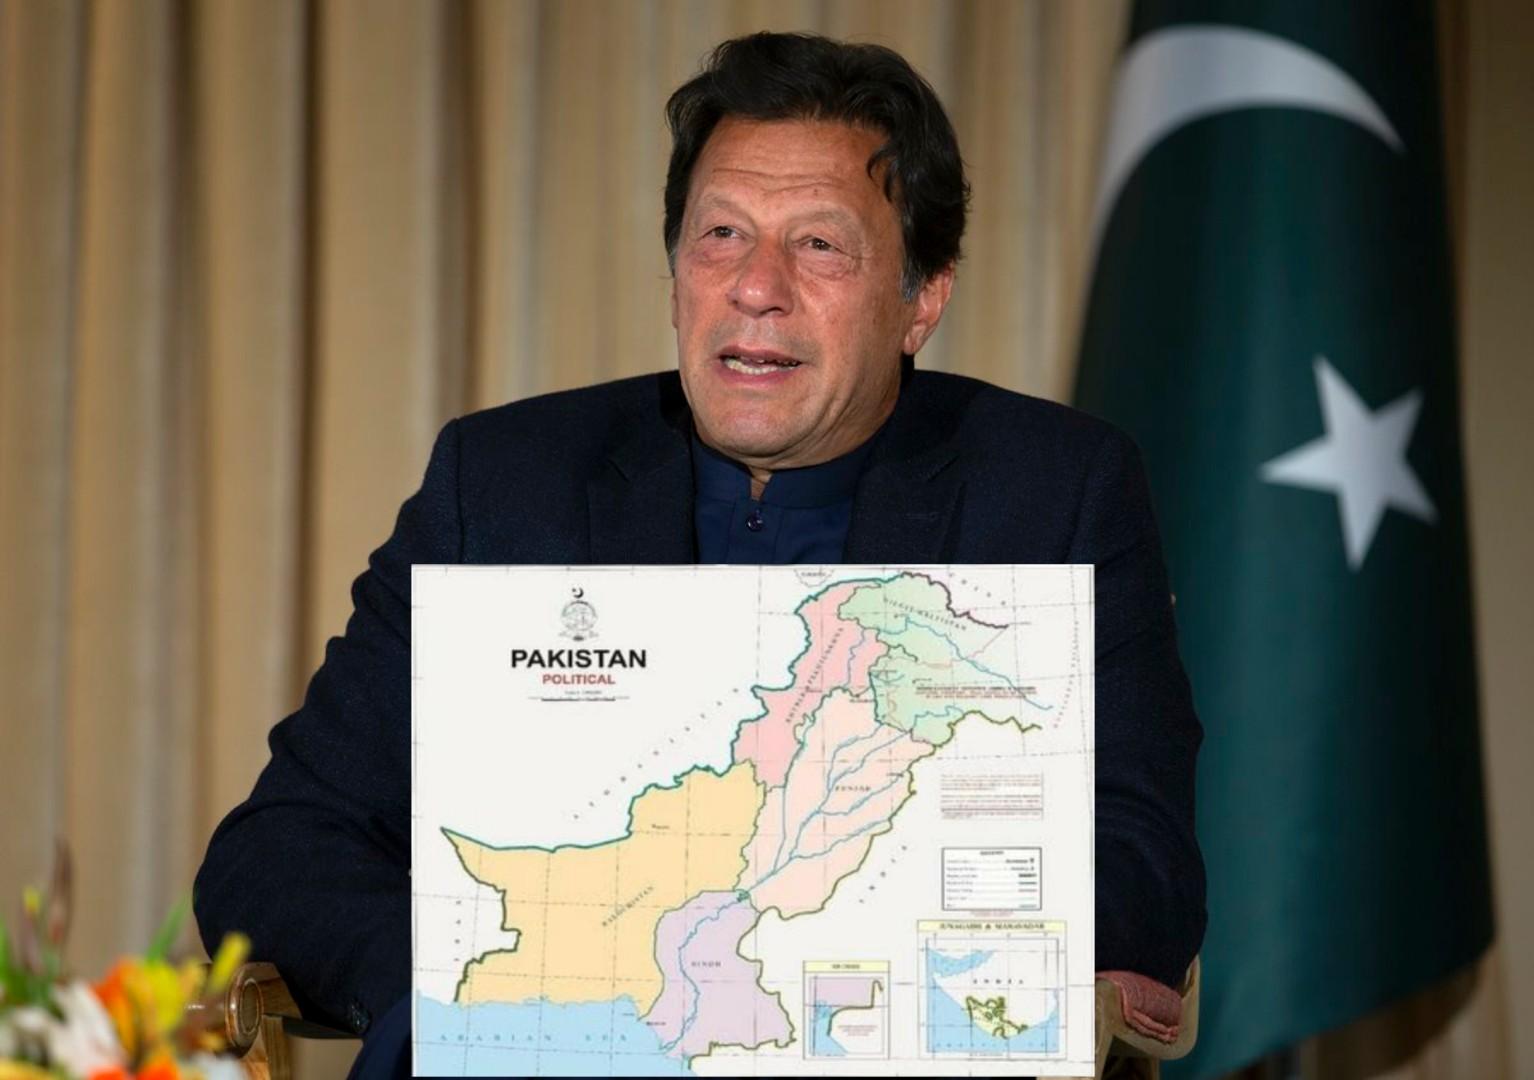 पाकिस्तान के नए नक्शे पर कांग्रेस चुप क्यों?